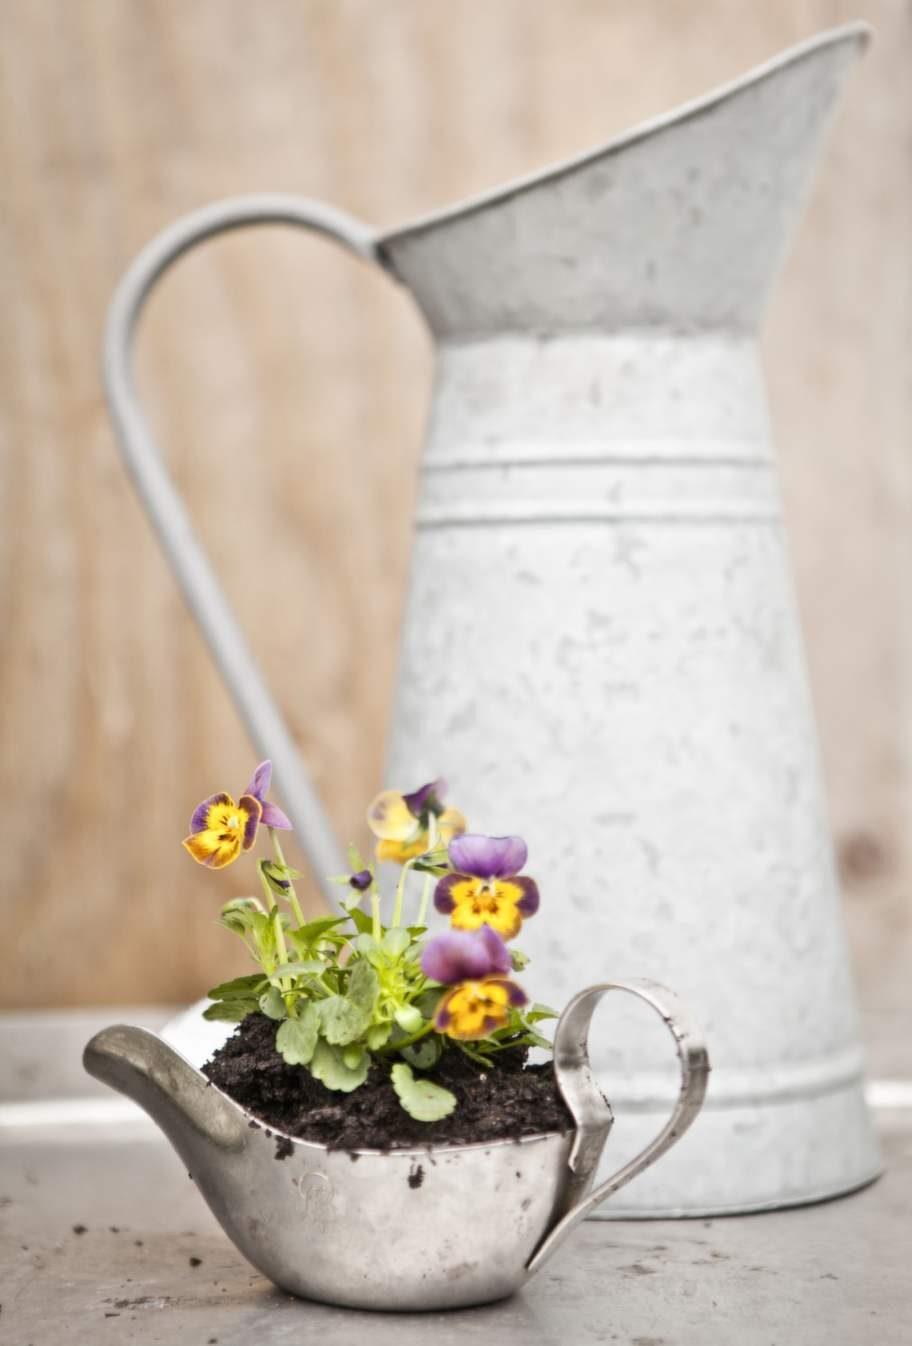 Plantera i allt fint du har; skålar, glasburkar, lådor eller kanske till och med i en såssnipa.